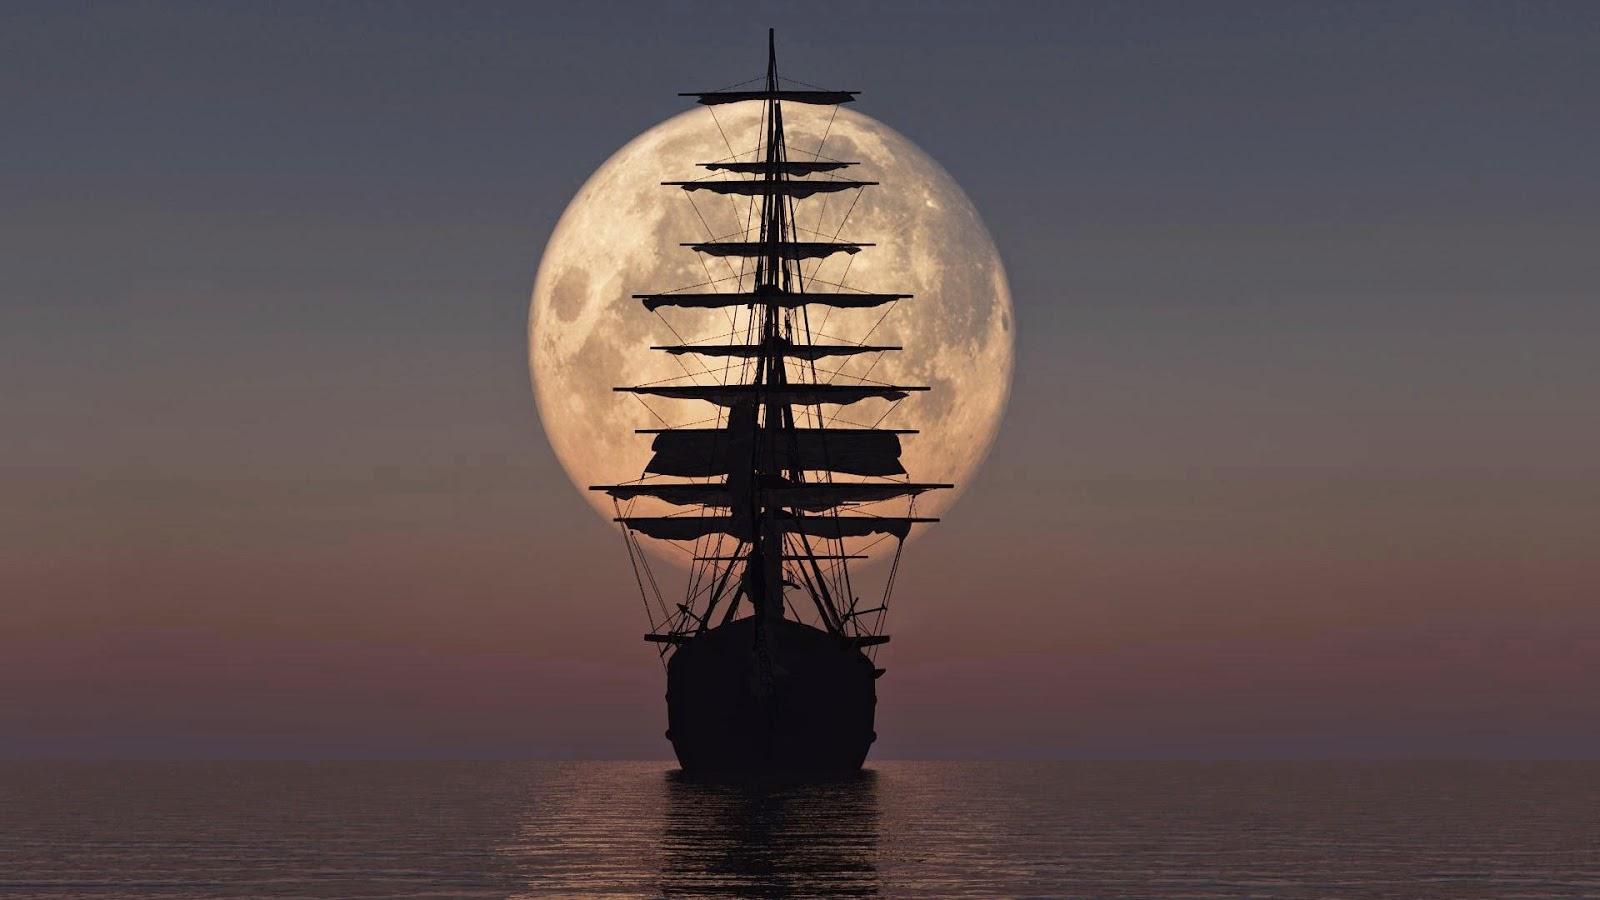 Wallpaper met piratenschip en volle maan